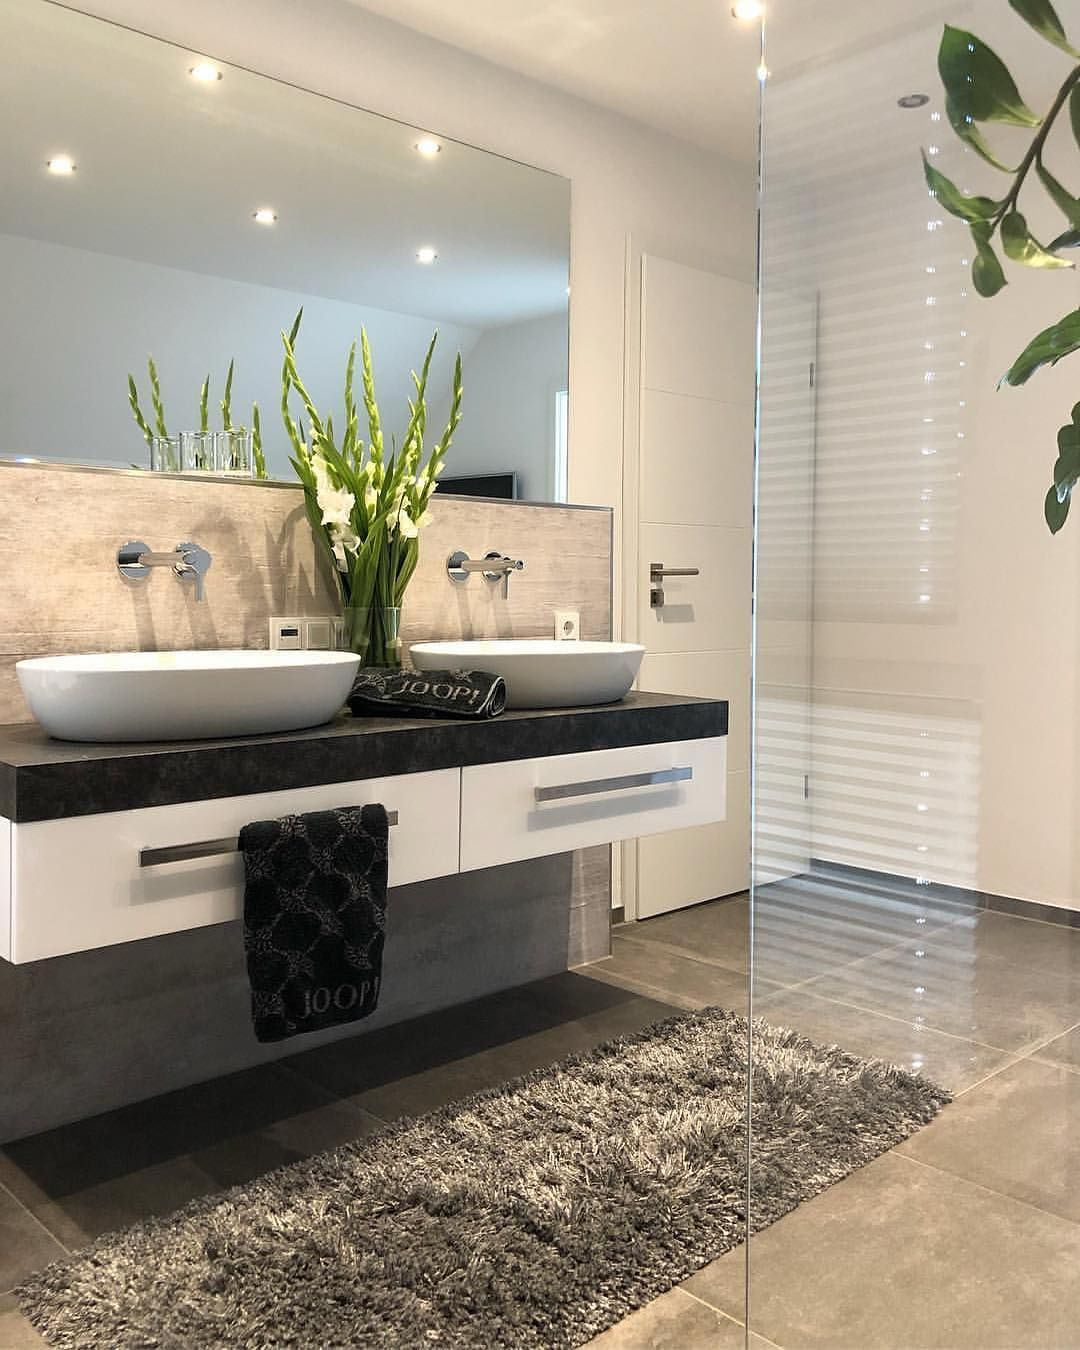 Pin Von Apsara Bilal Auf Bathrooms Bad Inspiration Badezimmer